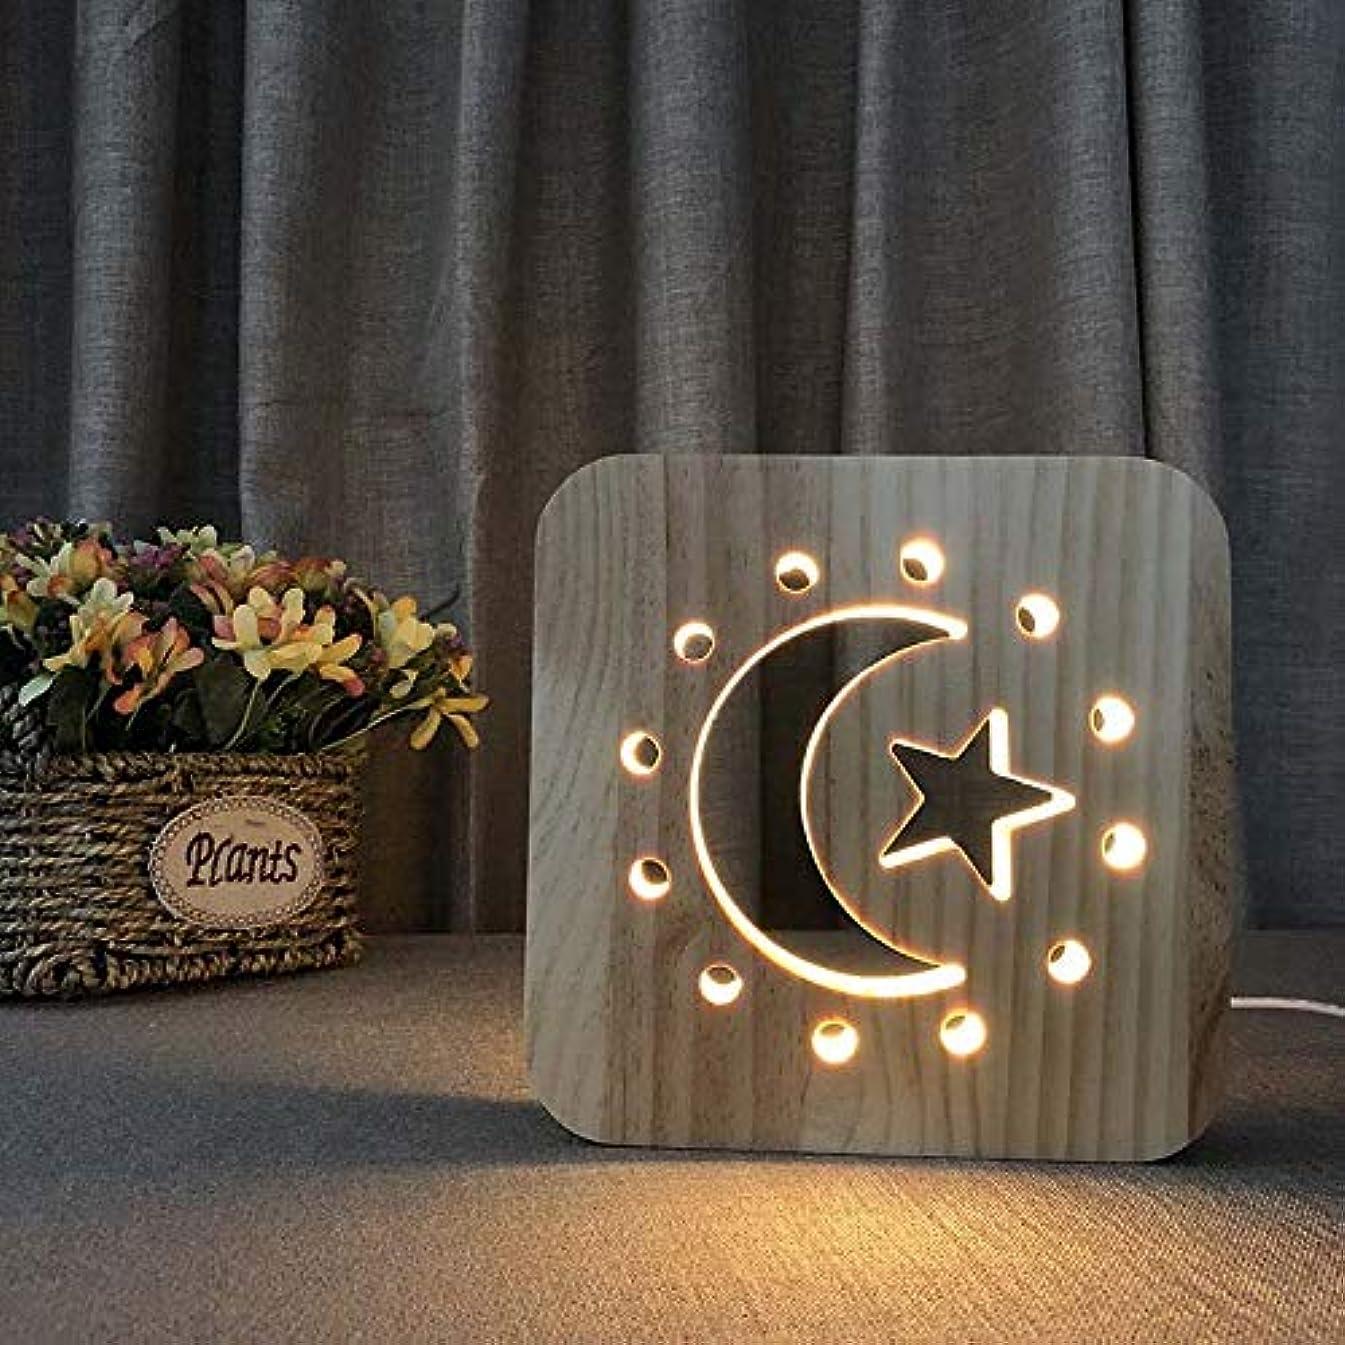 防止皮報奨金3Dナイトライト、月と星のLEDナイトライト、子供部屋用のベビー保育園ランプホーム装飾ボタンスイッチ付きクリスマス誕生日プレゼント